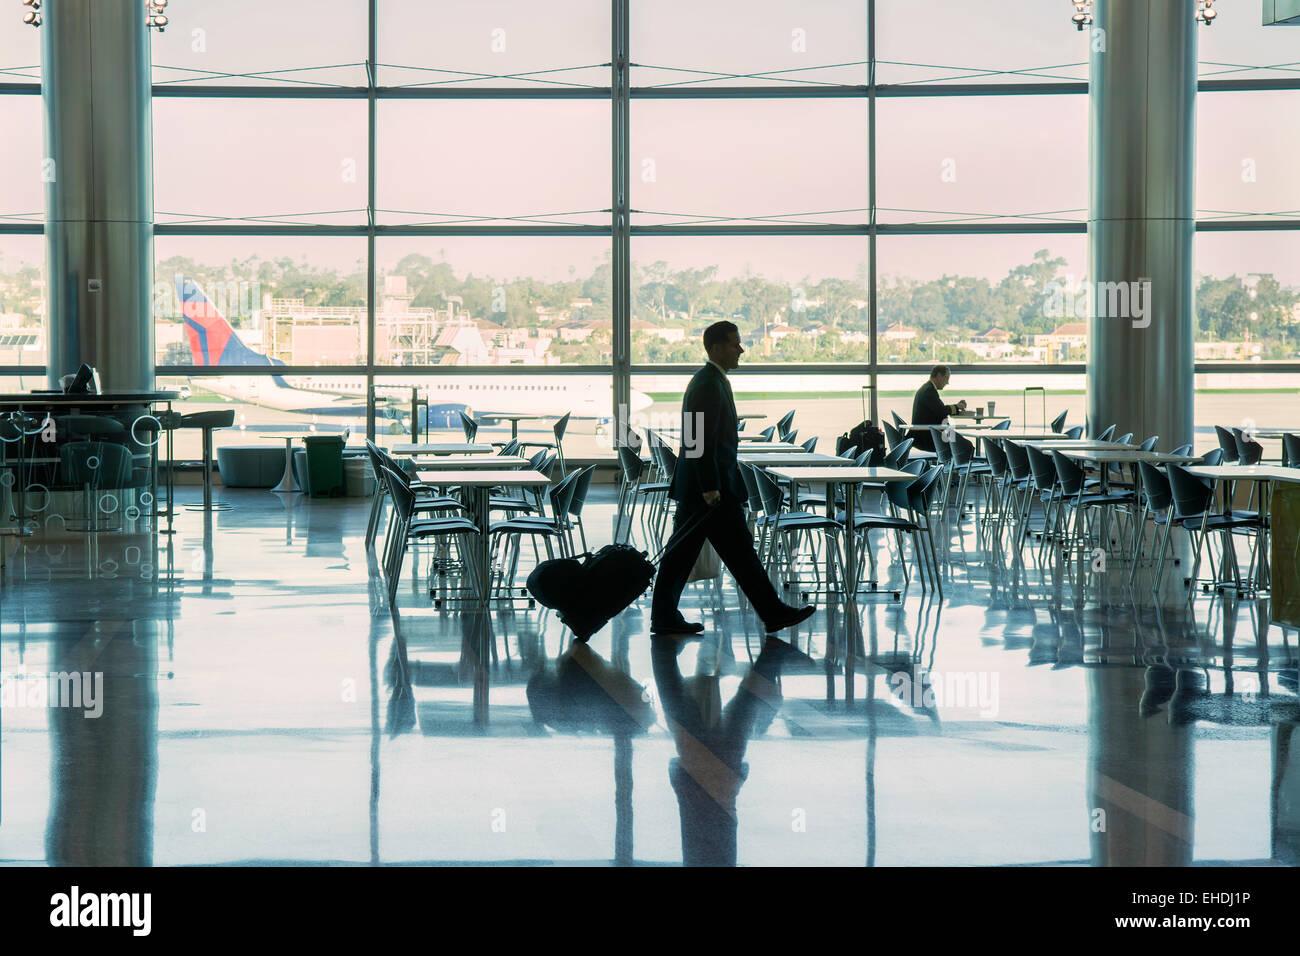 Salon de l'aéroport, San Diego, Californie Photo Stock